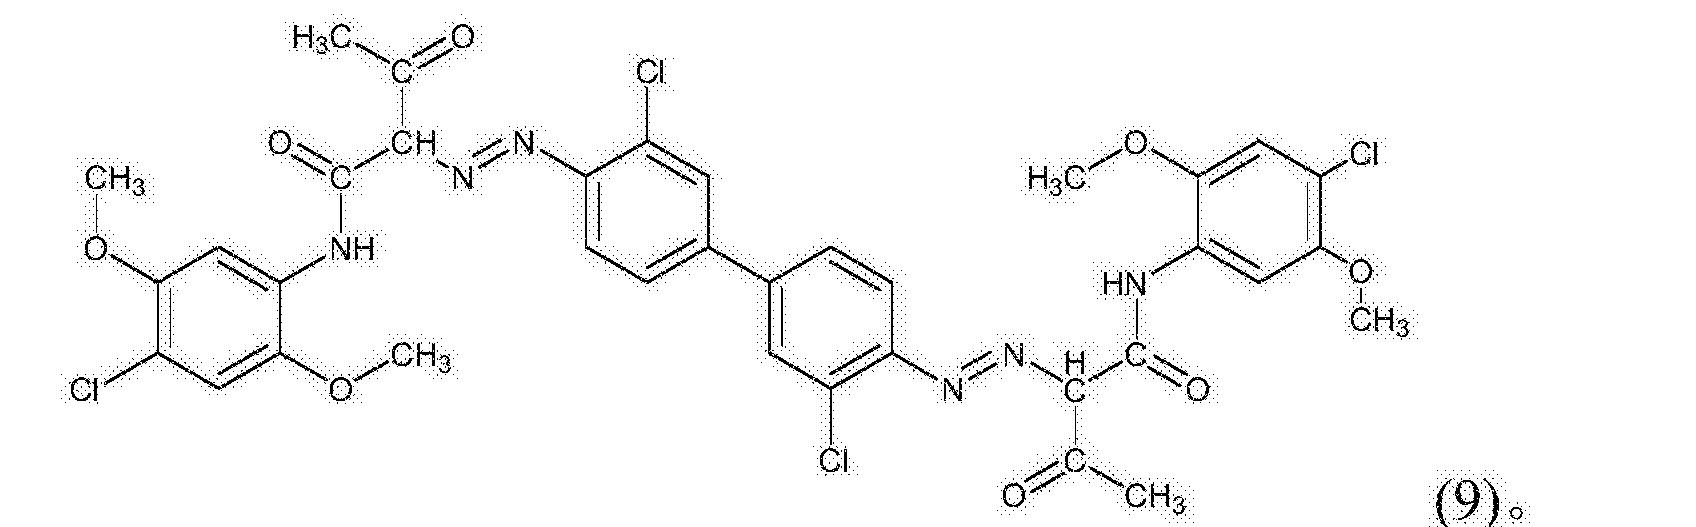 Figure CN106810640AC00043